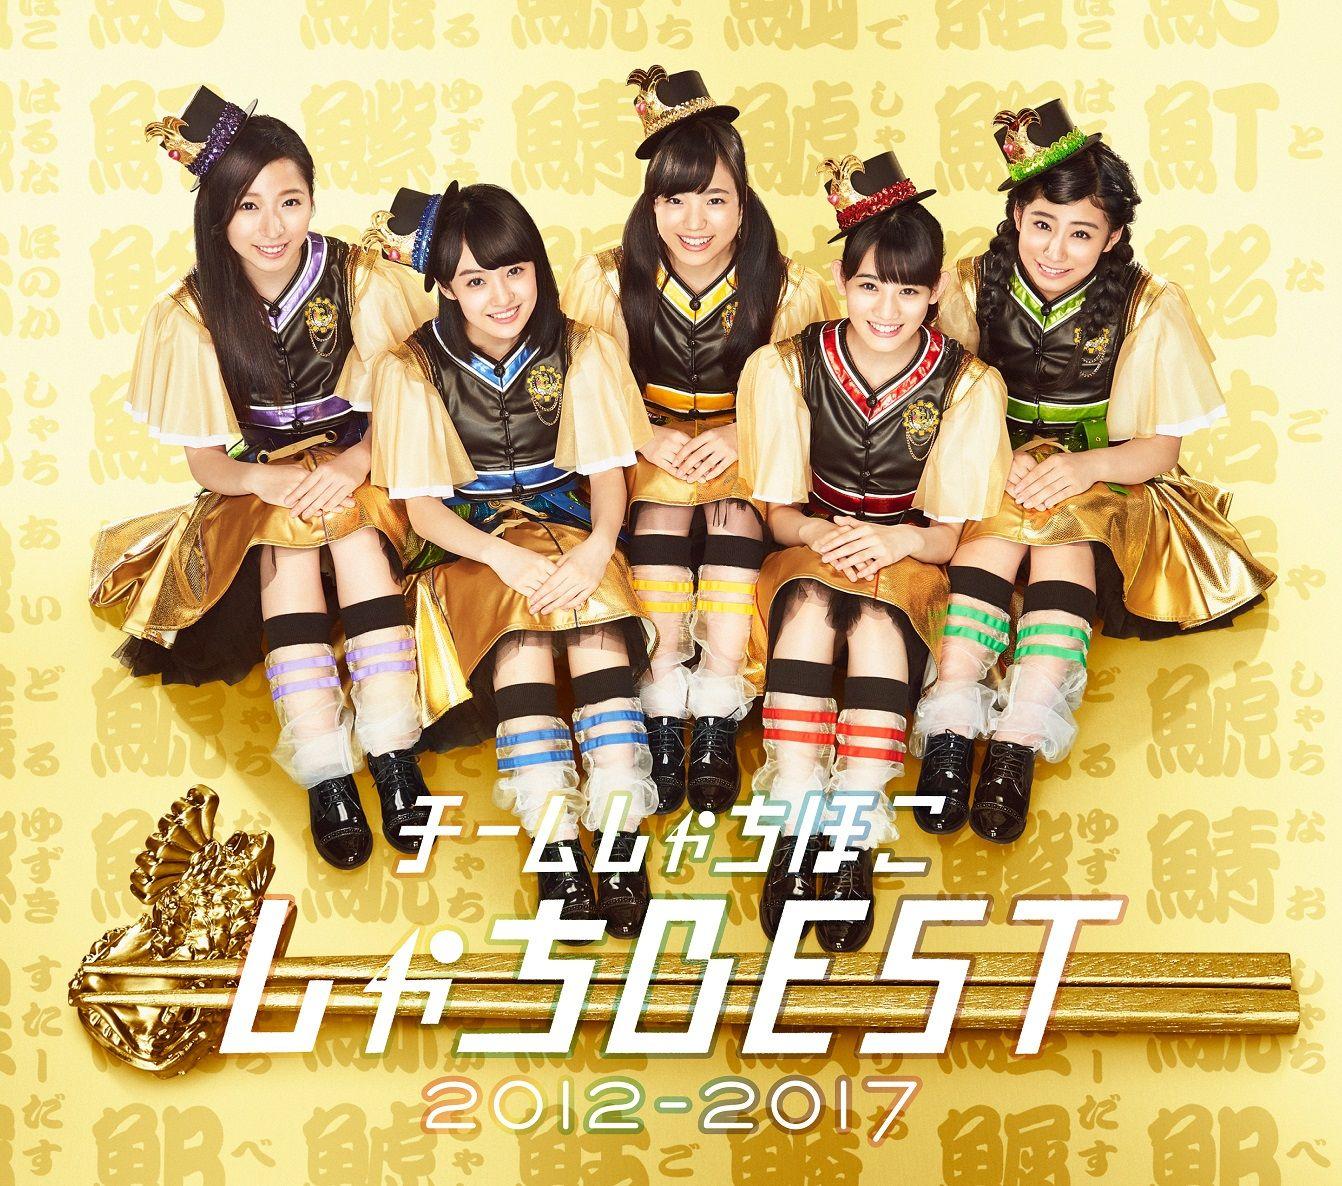 しゃちBEST2012-2017 (5周年盤 2CD+Blu-ray) [ チームしゃちほこ ]